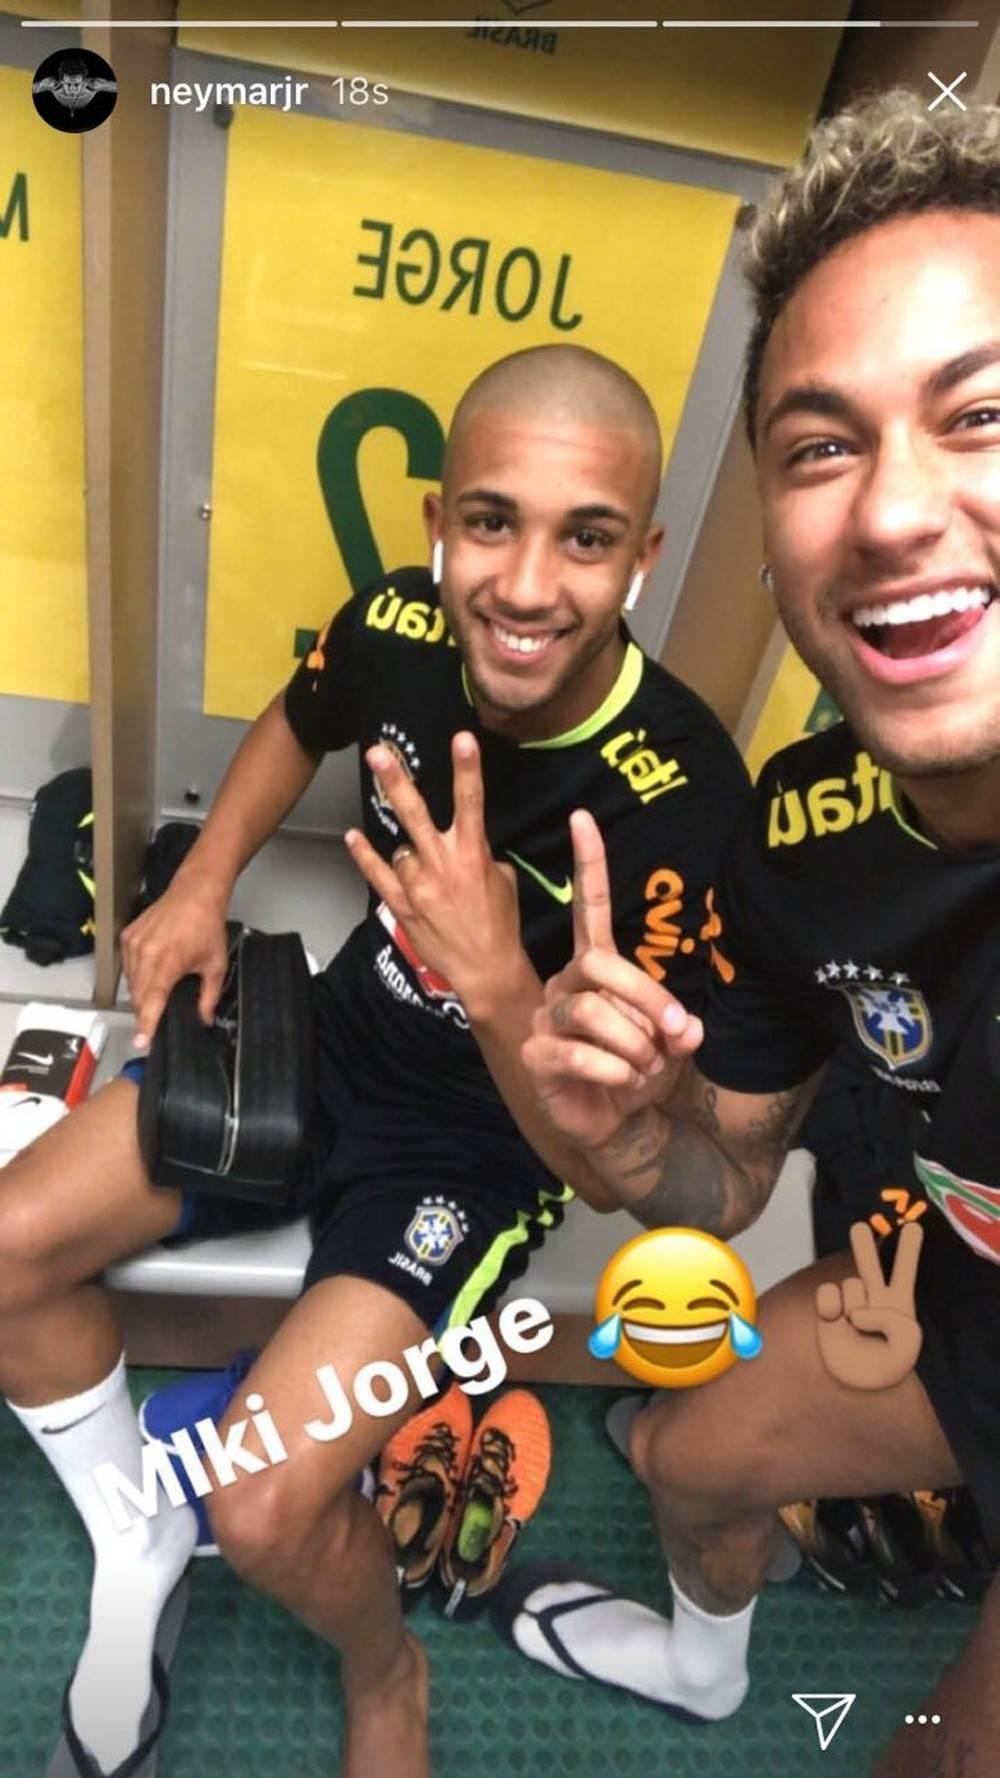 Jorge teve a cabeça raspada por Neymar na concentração   Foto: Reprodução / Instagram